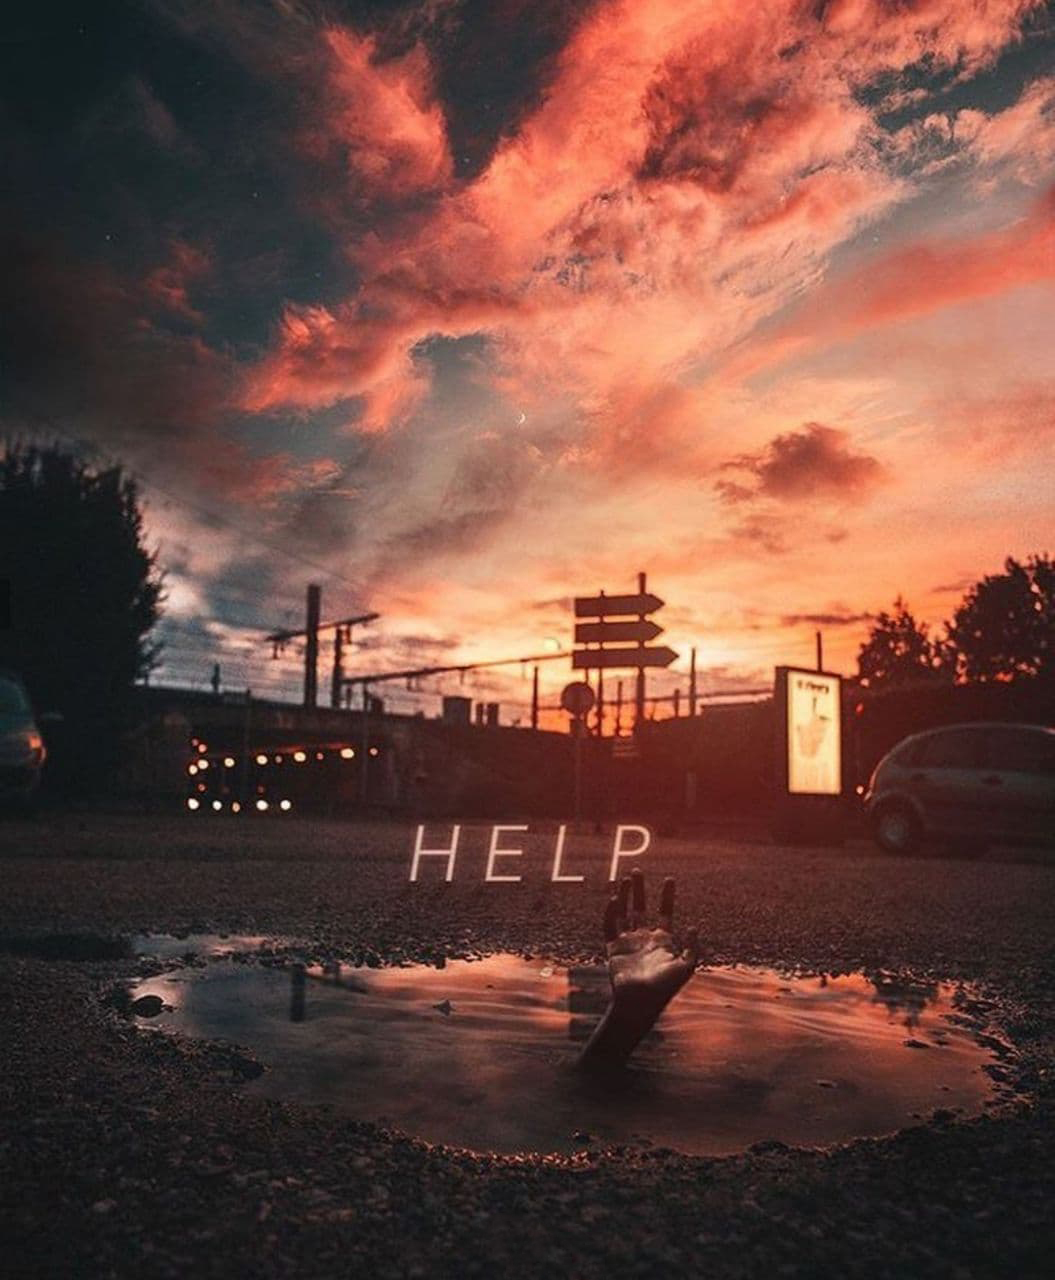 دلنوشته خدا کمکم کن